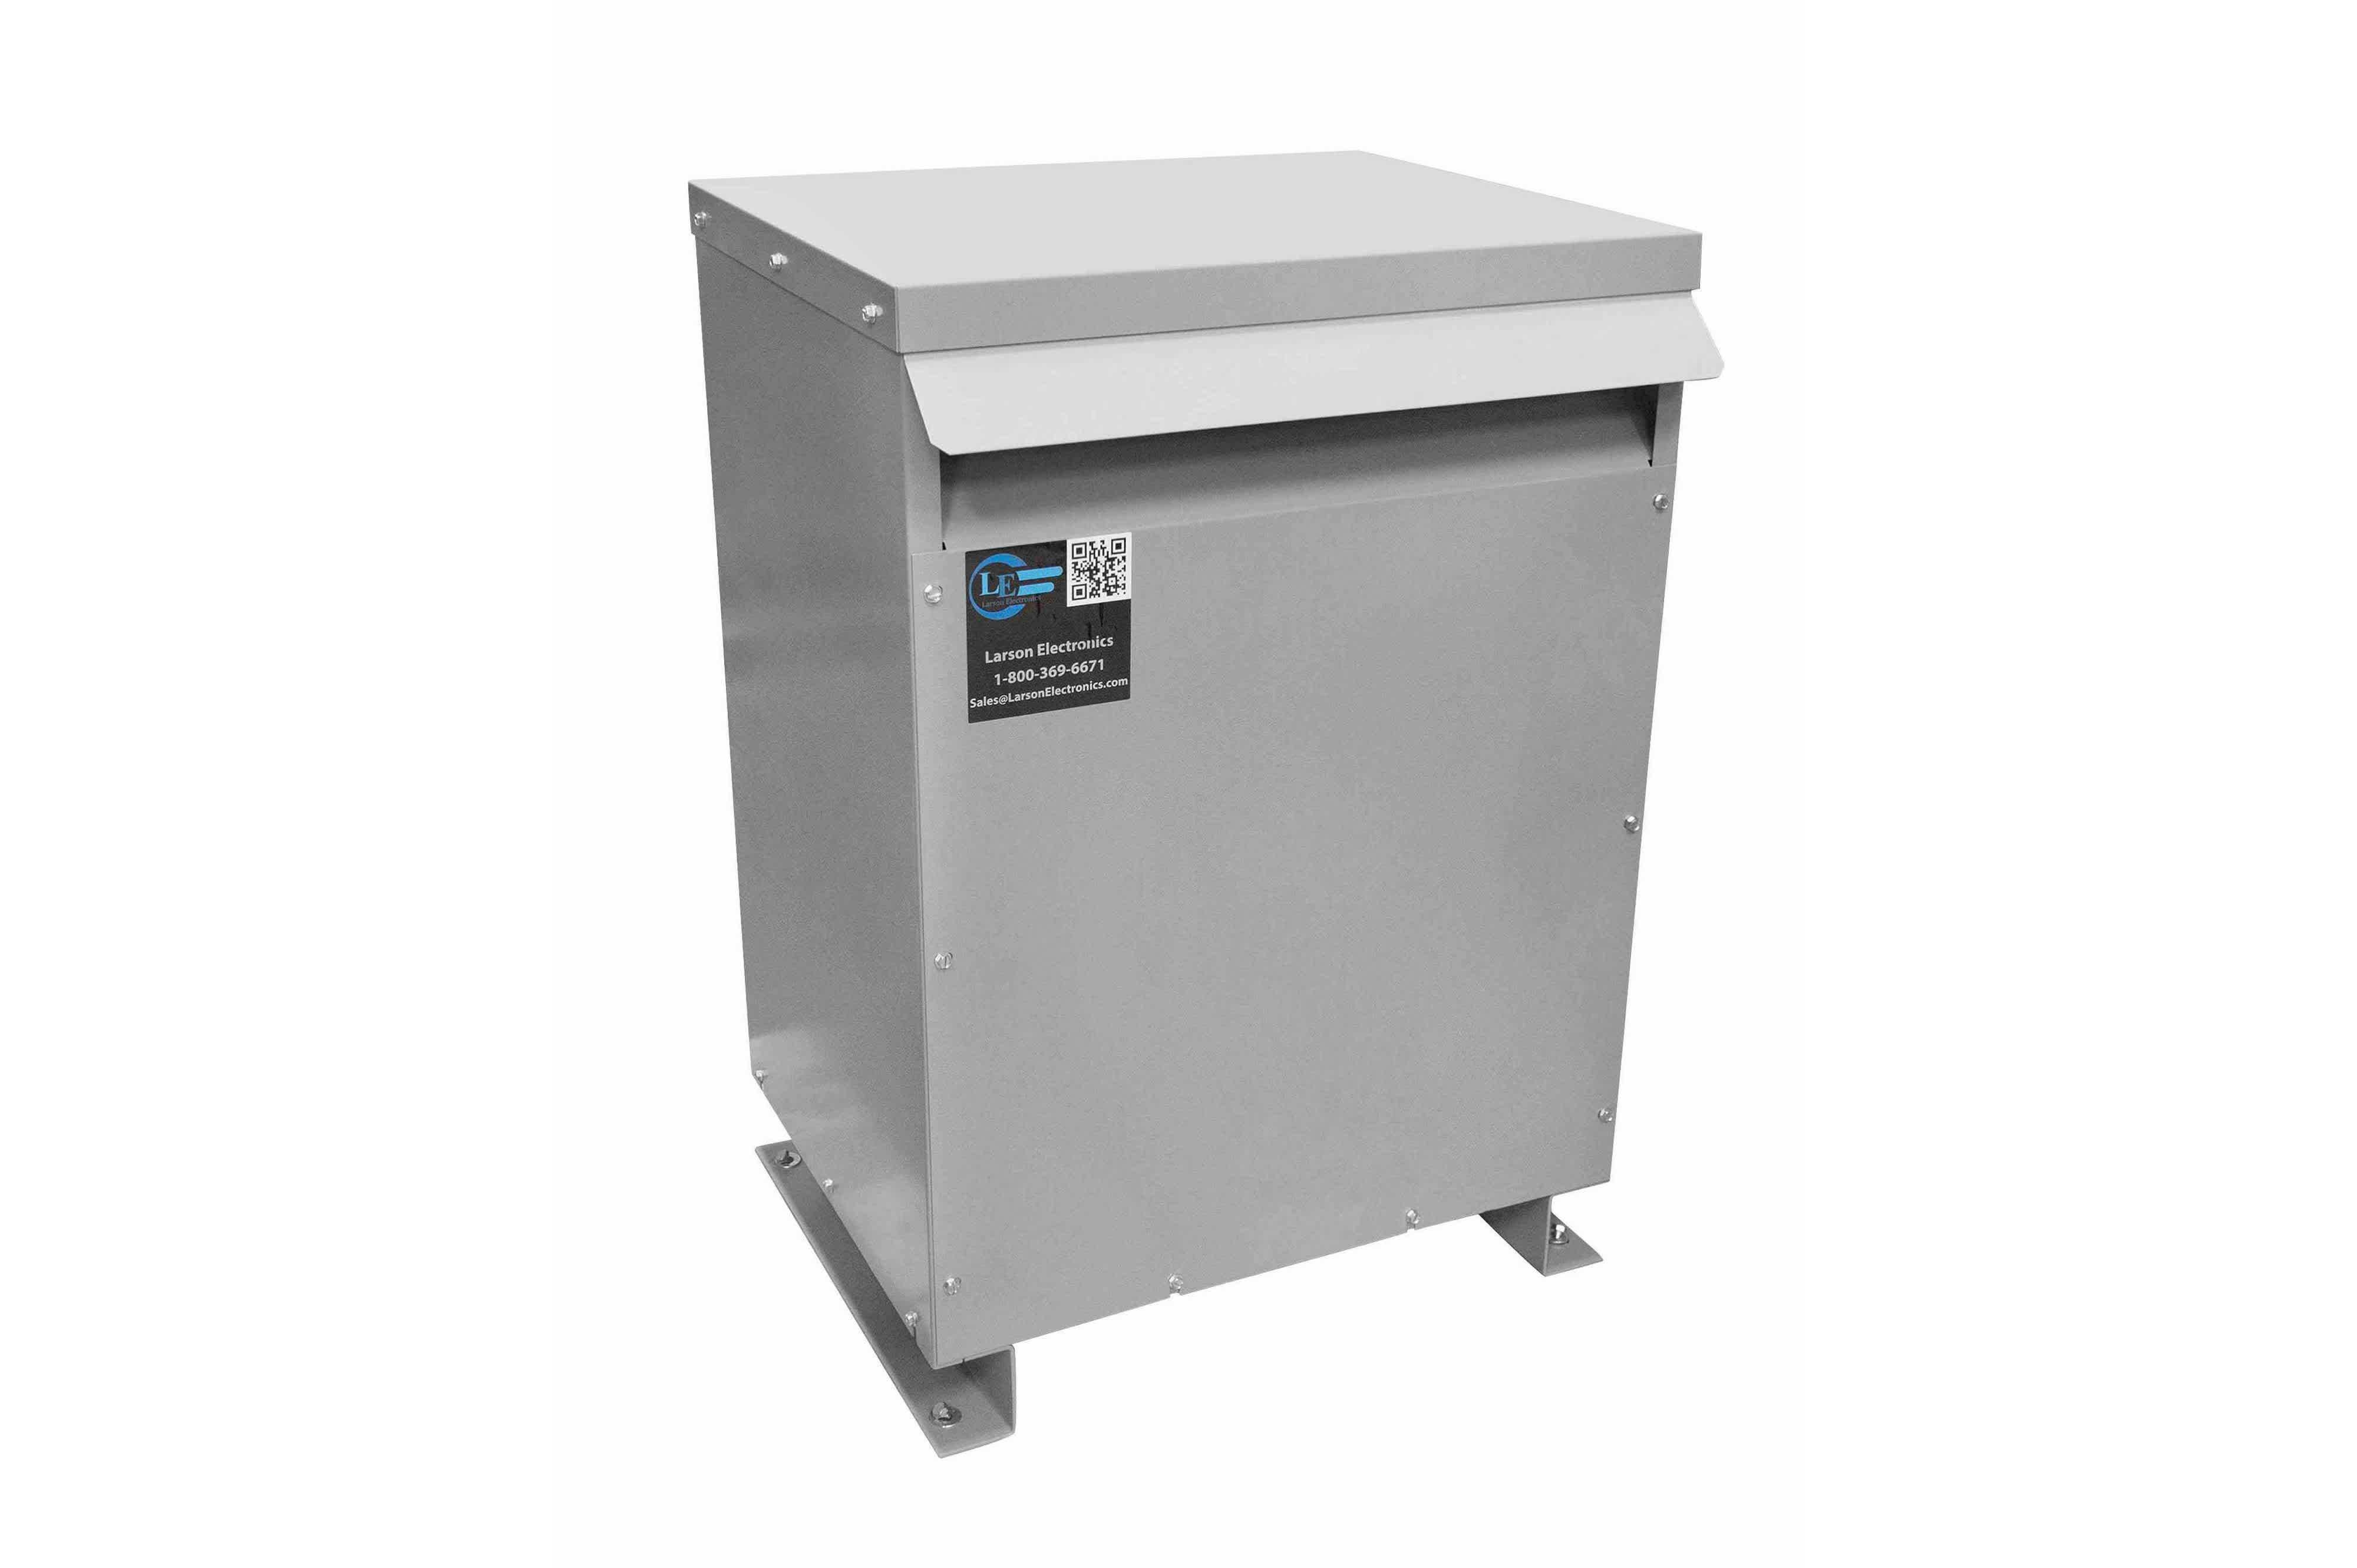 80 kVA 3PH DOE Transformer, 460V Delta Primary, 240V/120 Delta Secondary, N3R, Ventilated, 60 Hz